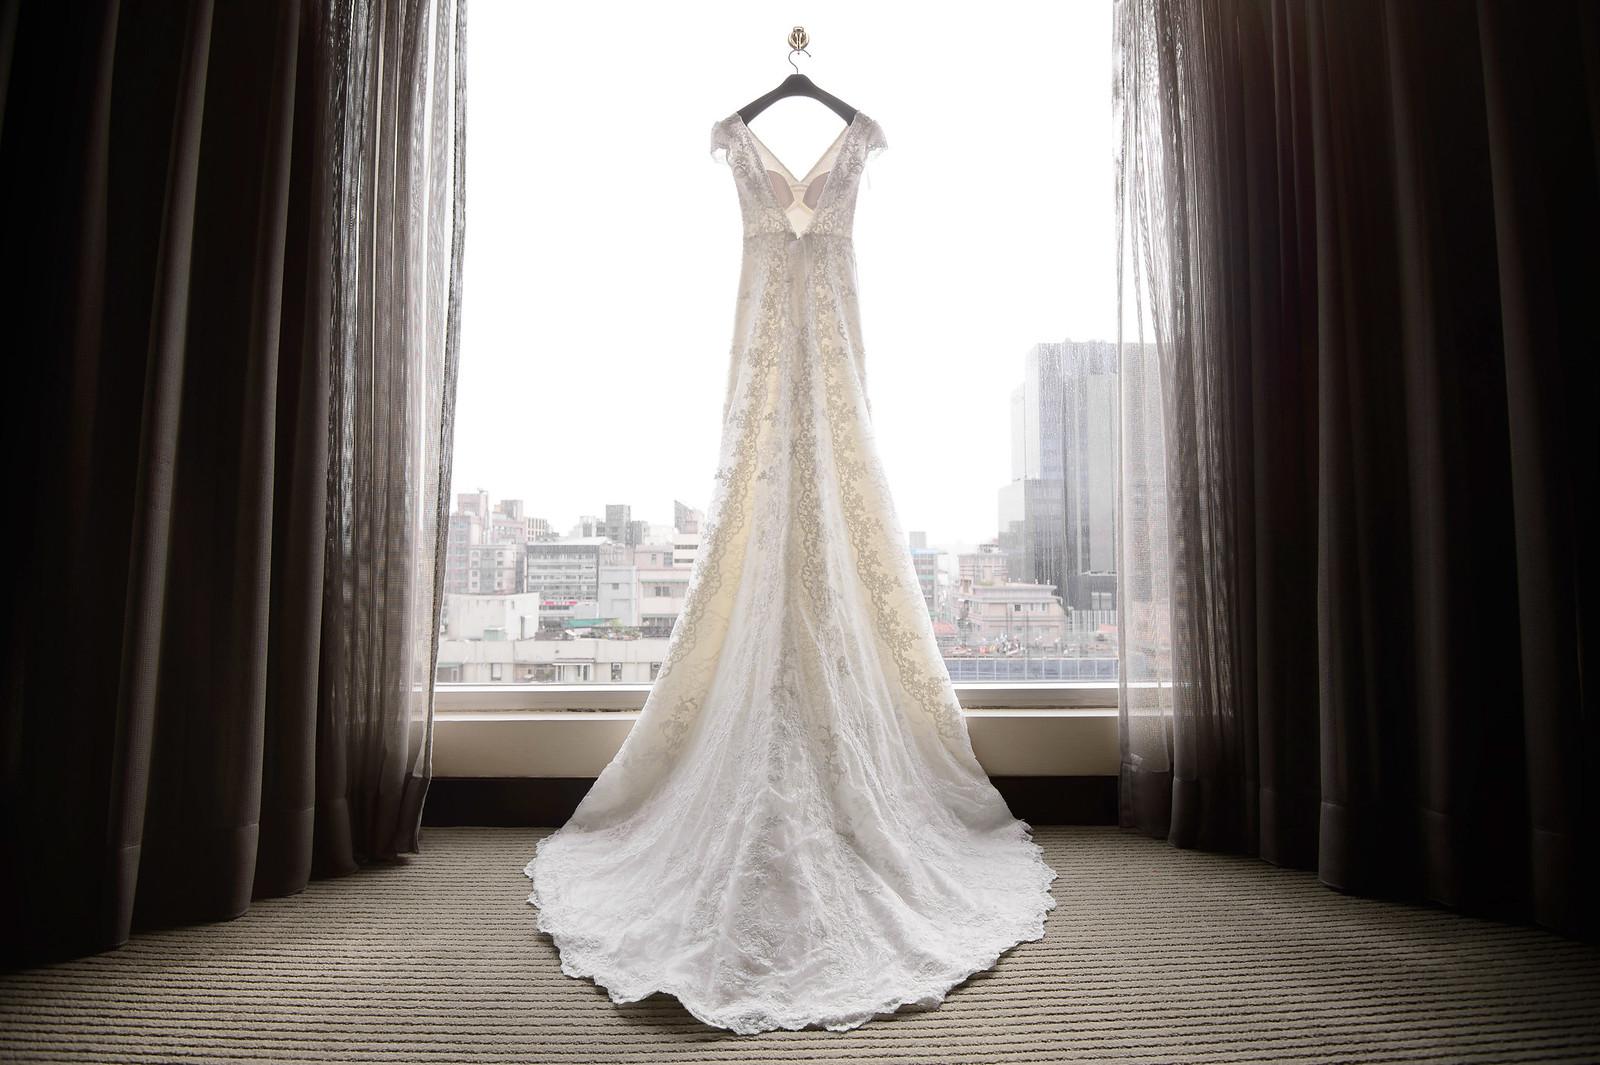 台北婚攝, 婚禮攝影, 婚攝, 婚攝守恆, 婚攝推薦, 晶華酒店, 晶華酒店婚宴, 晶華酒店婚攝-2